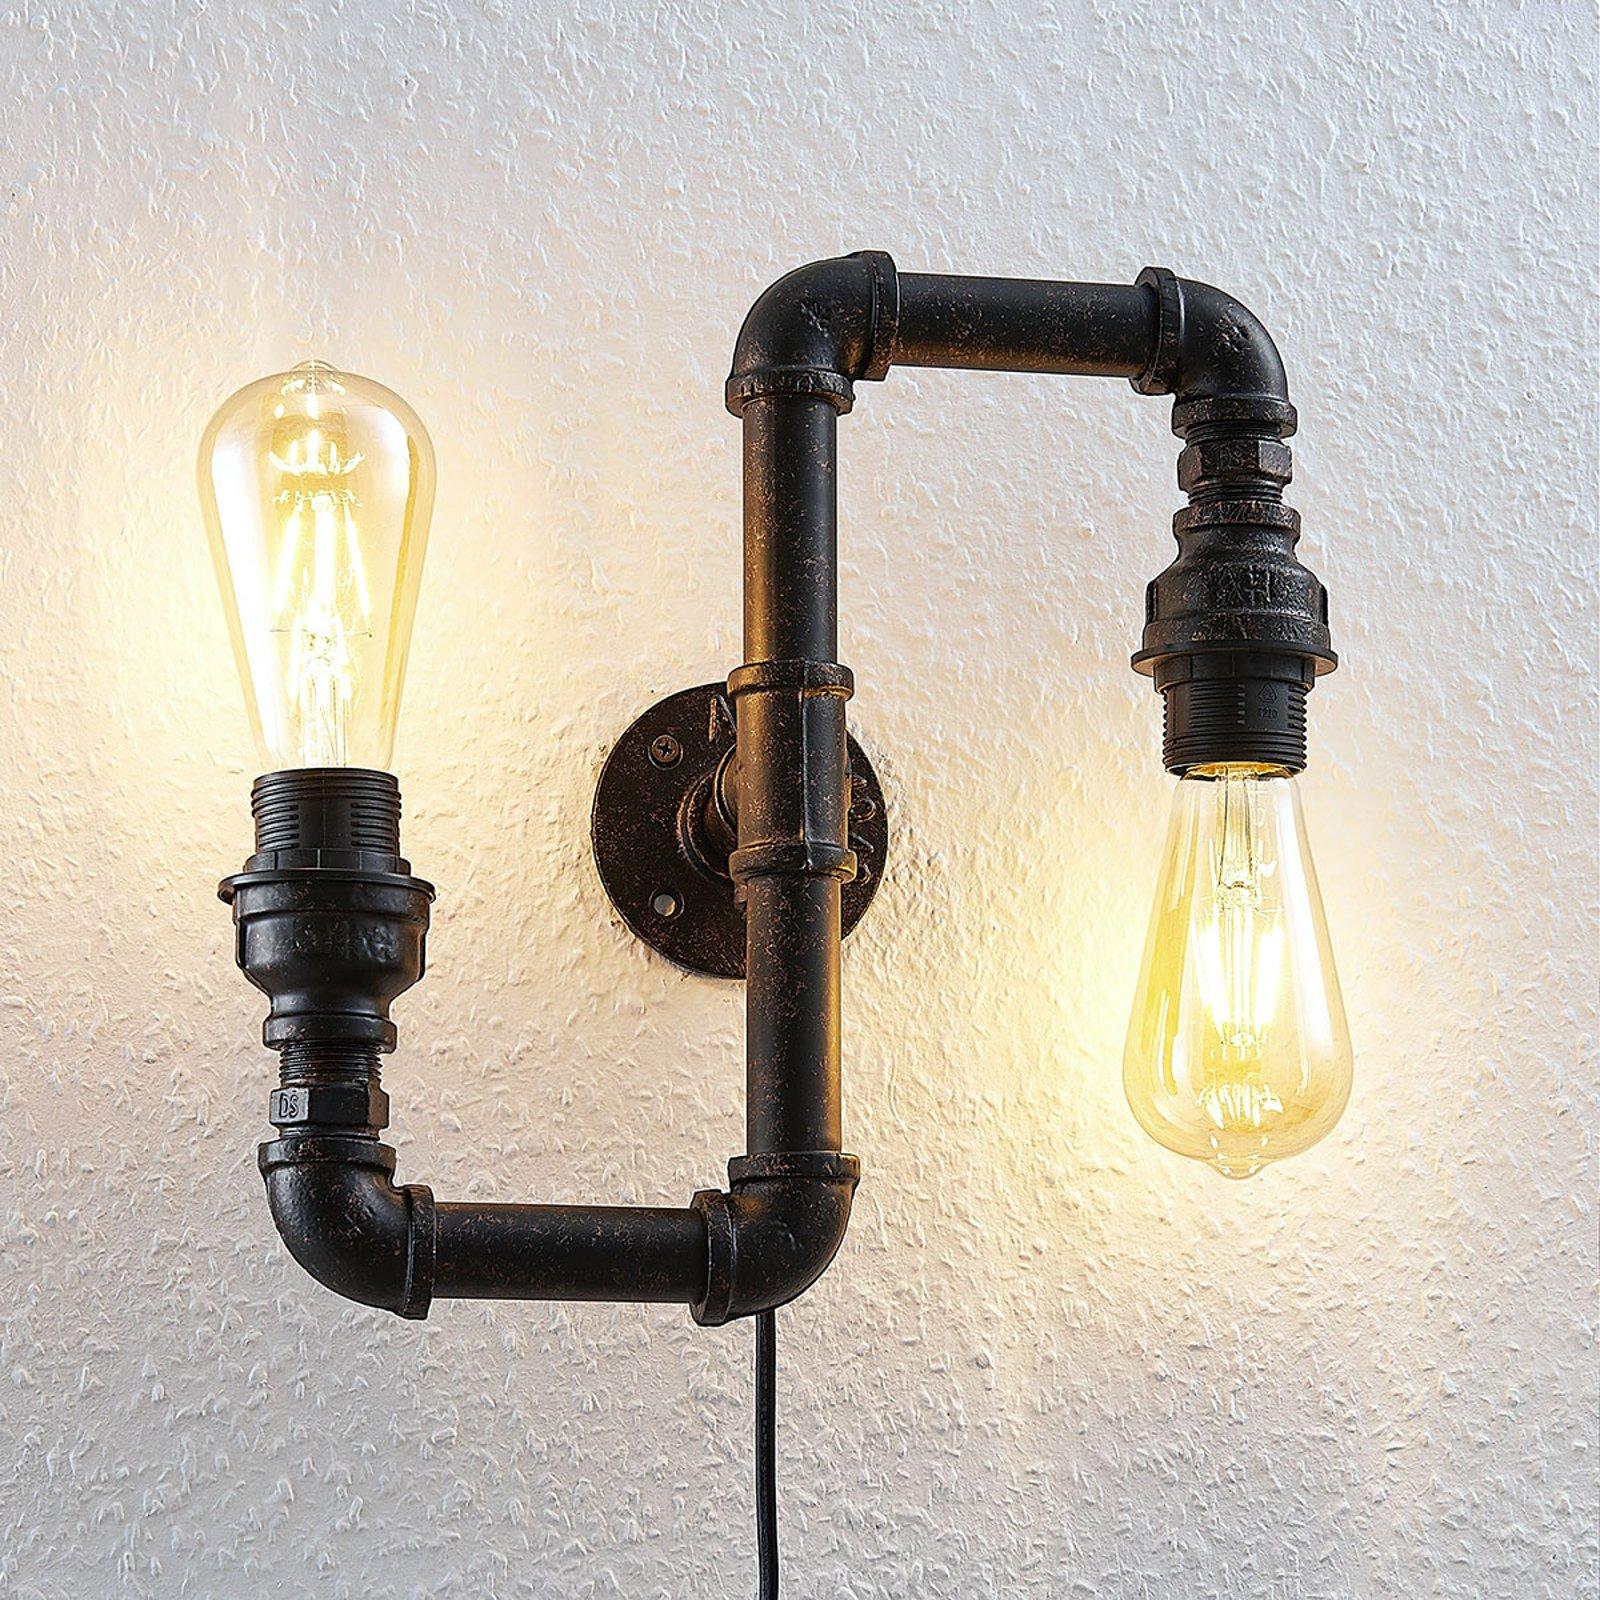 Vegglampe Josip i industridesign, up & down